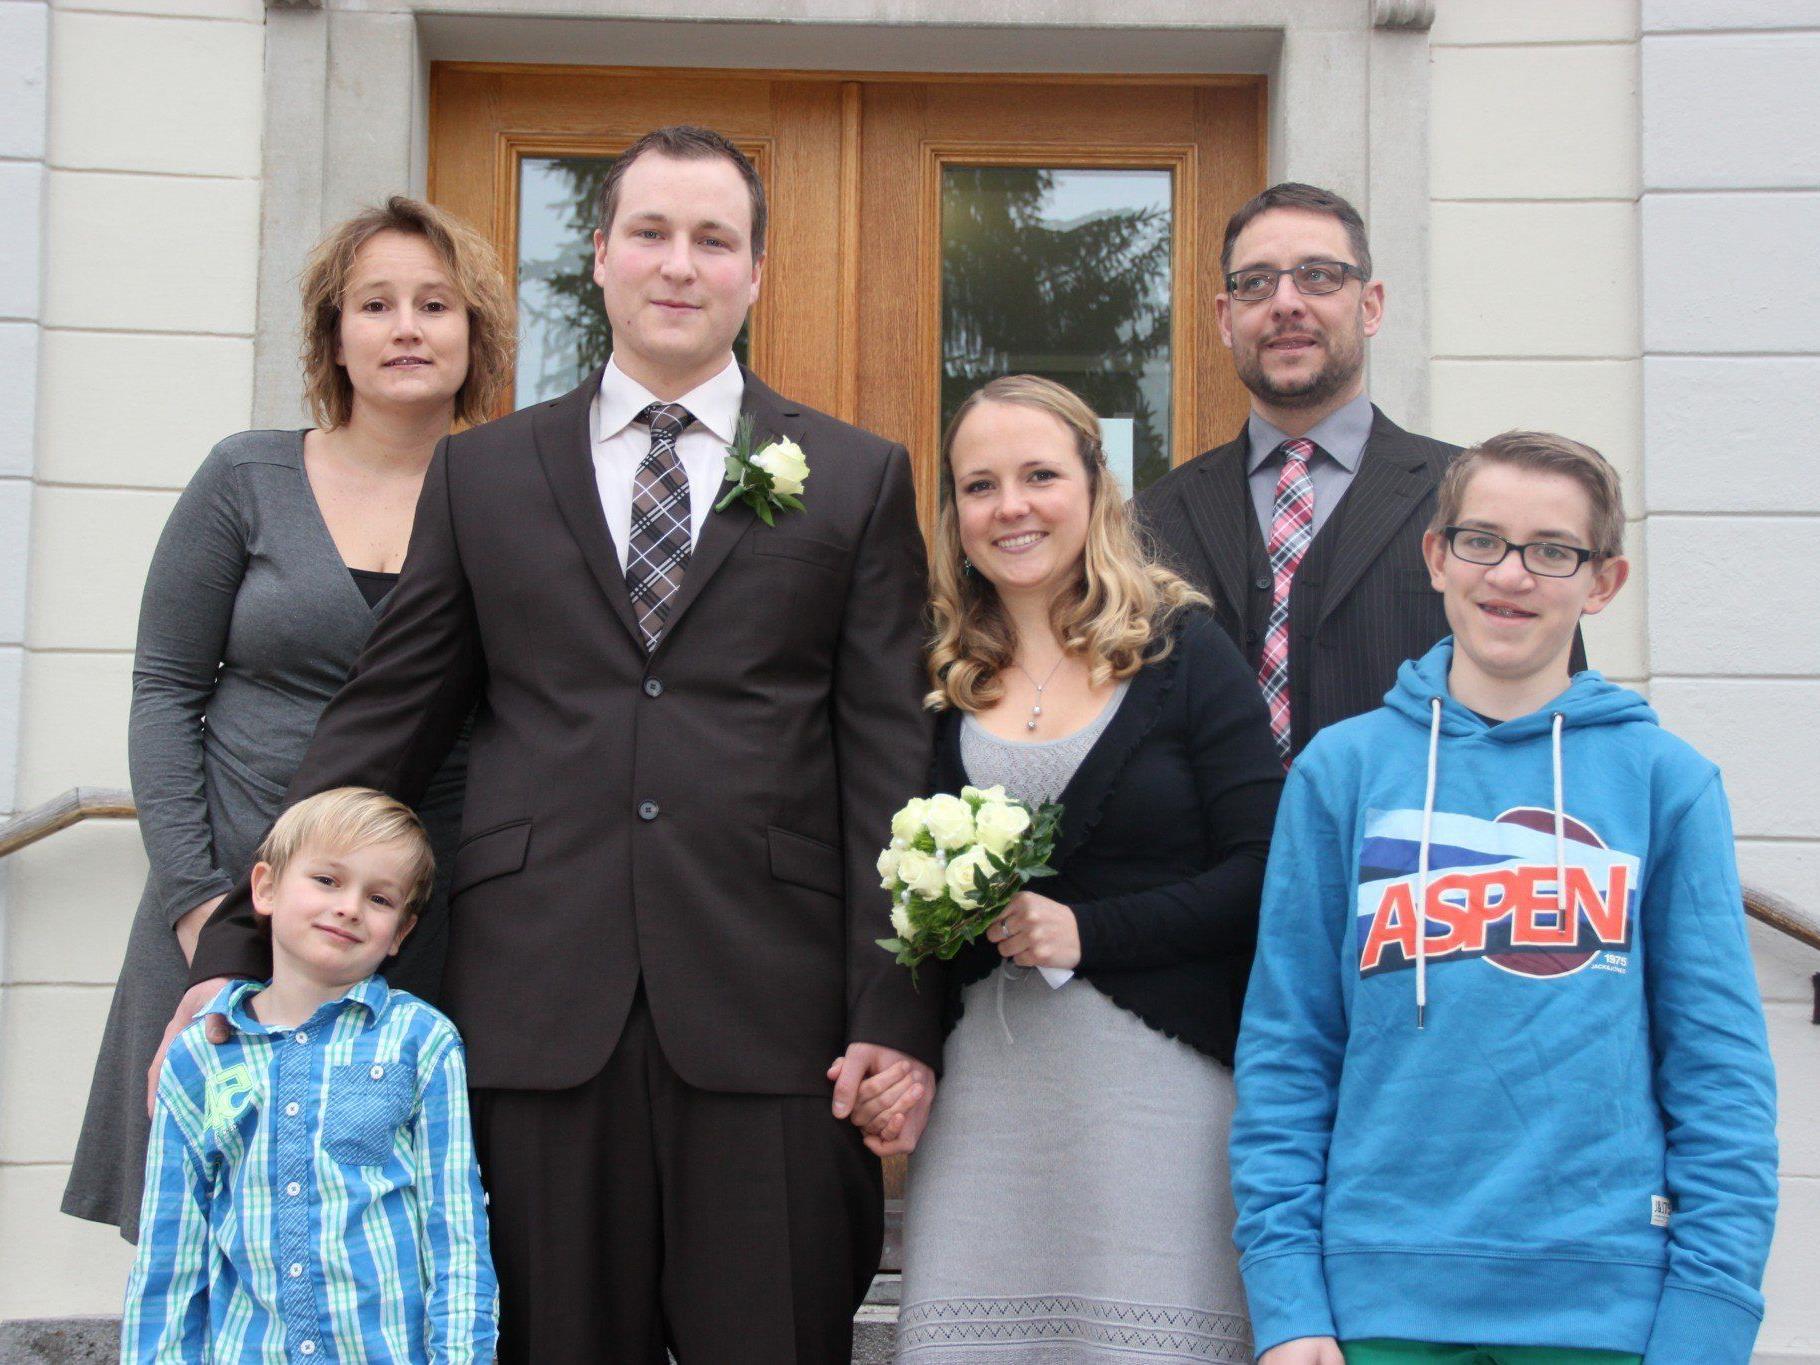 Antonia Schabio und Martin Kräber haben sich vermählt.